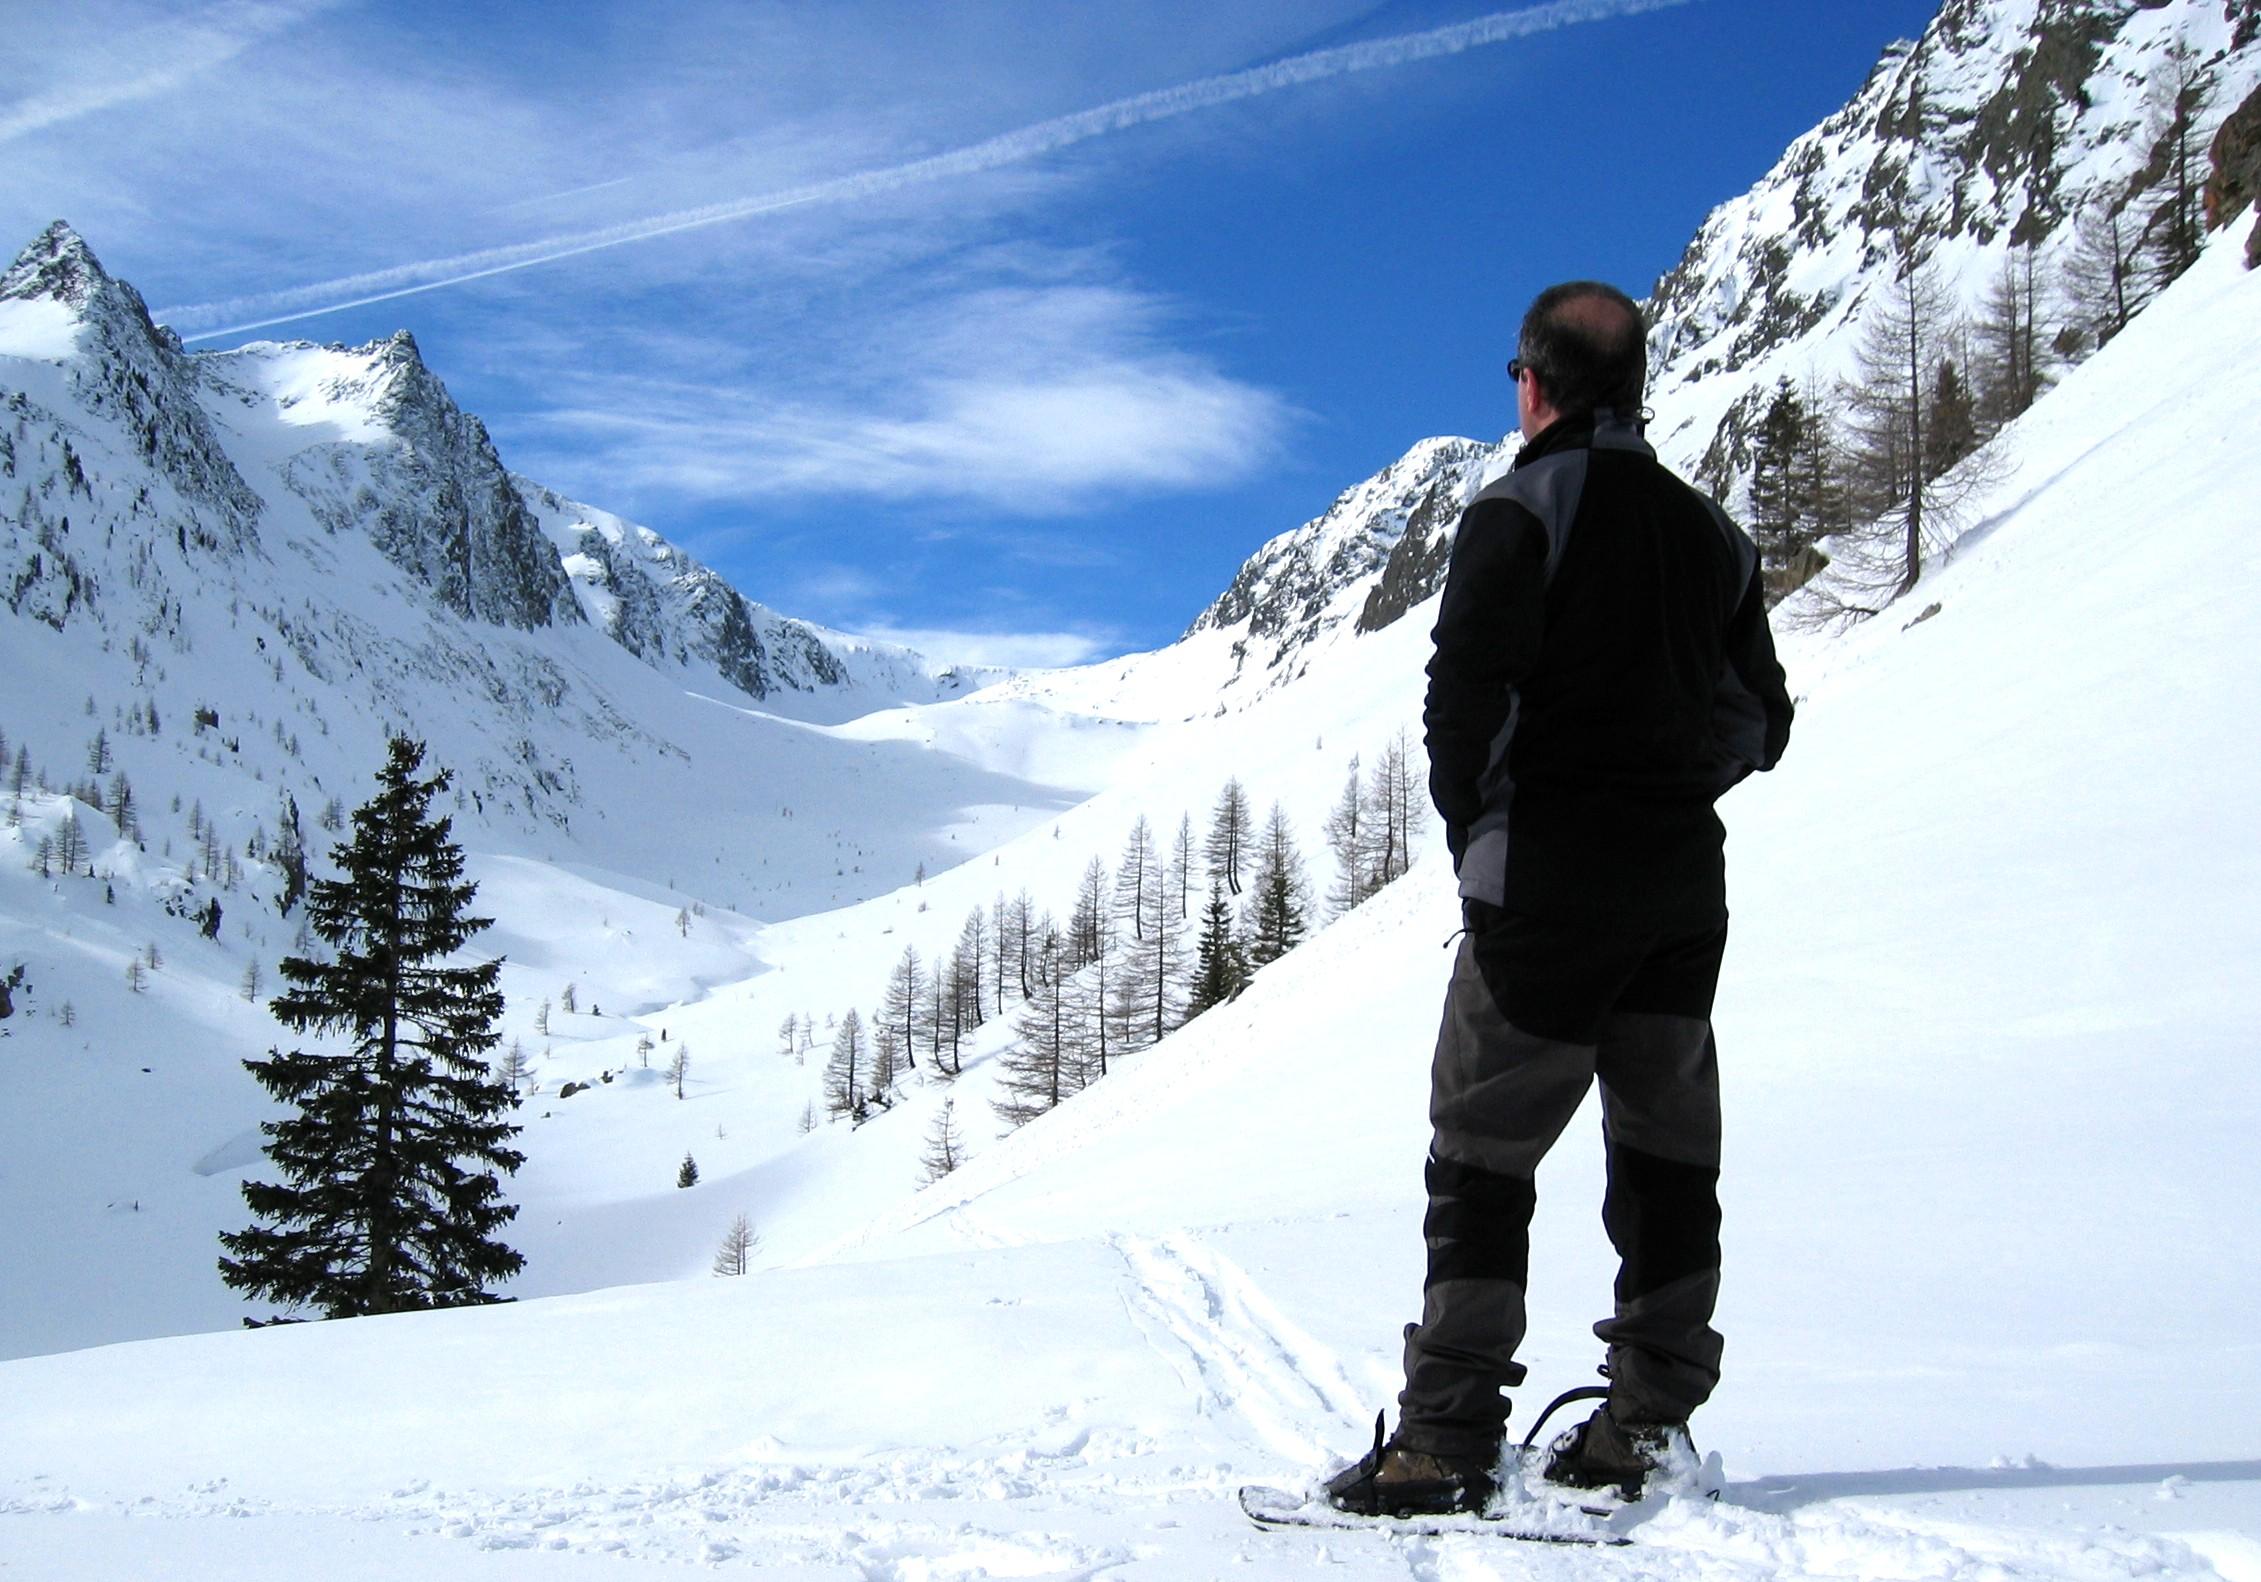 La Guida - Limone, due guide alpine a processo per omicidio colposo